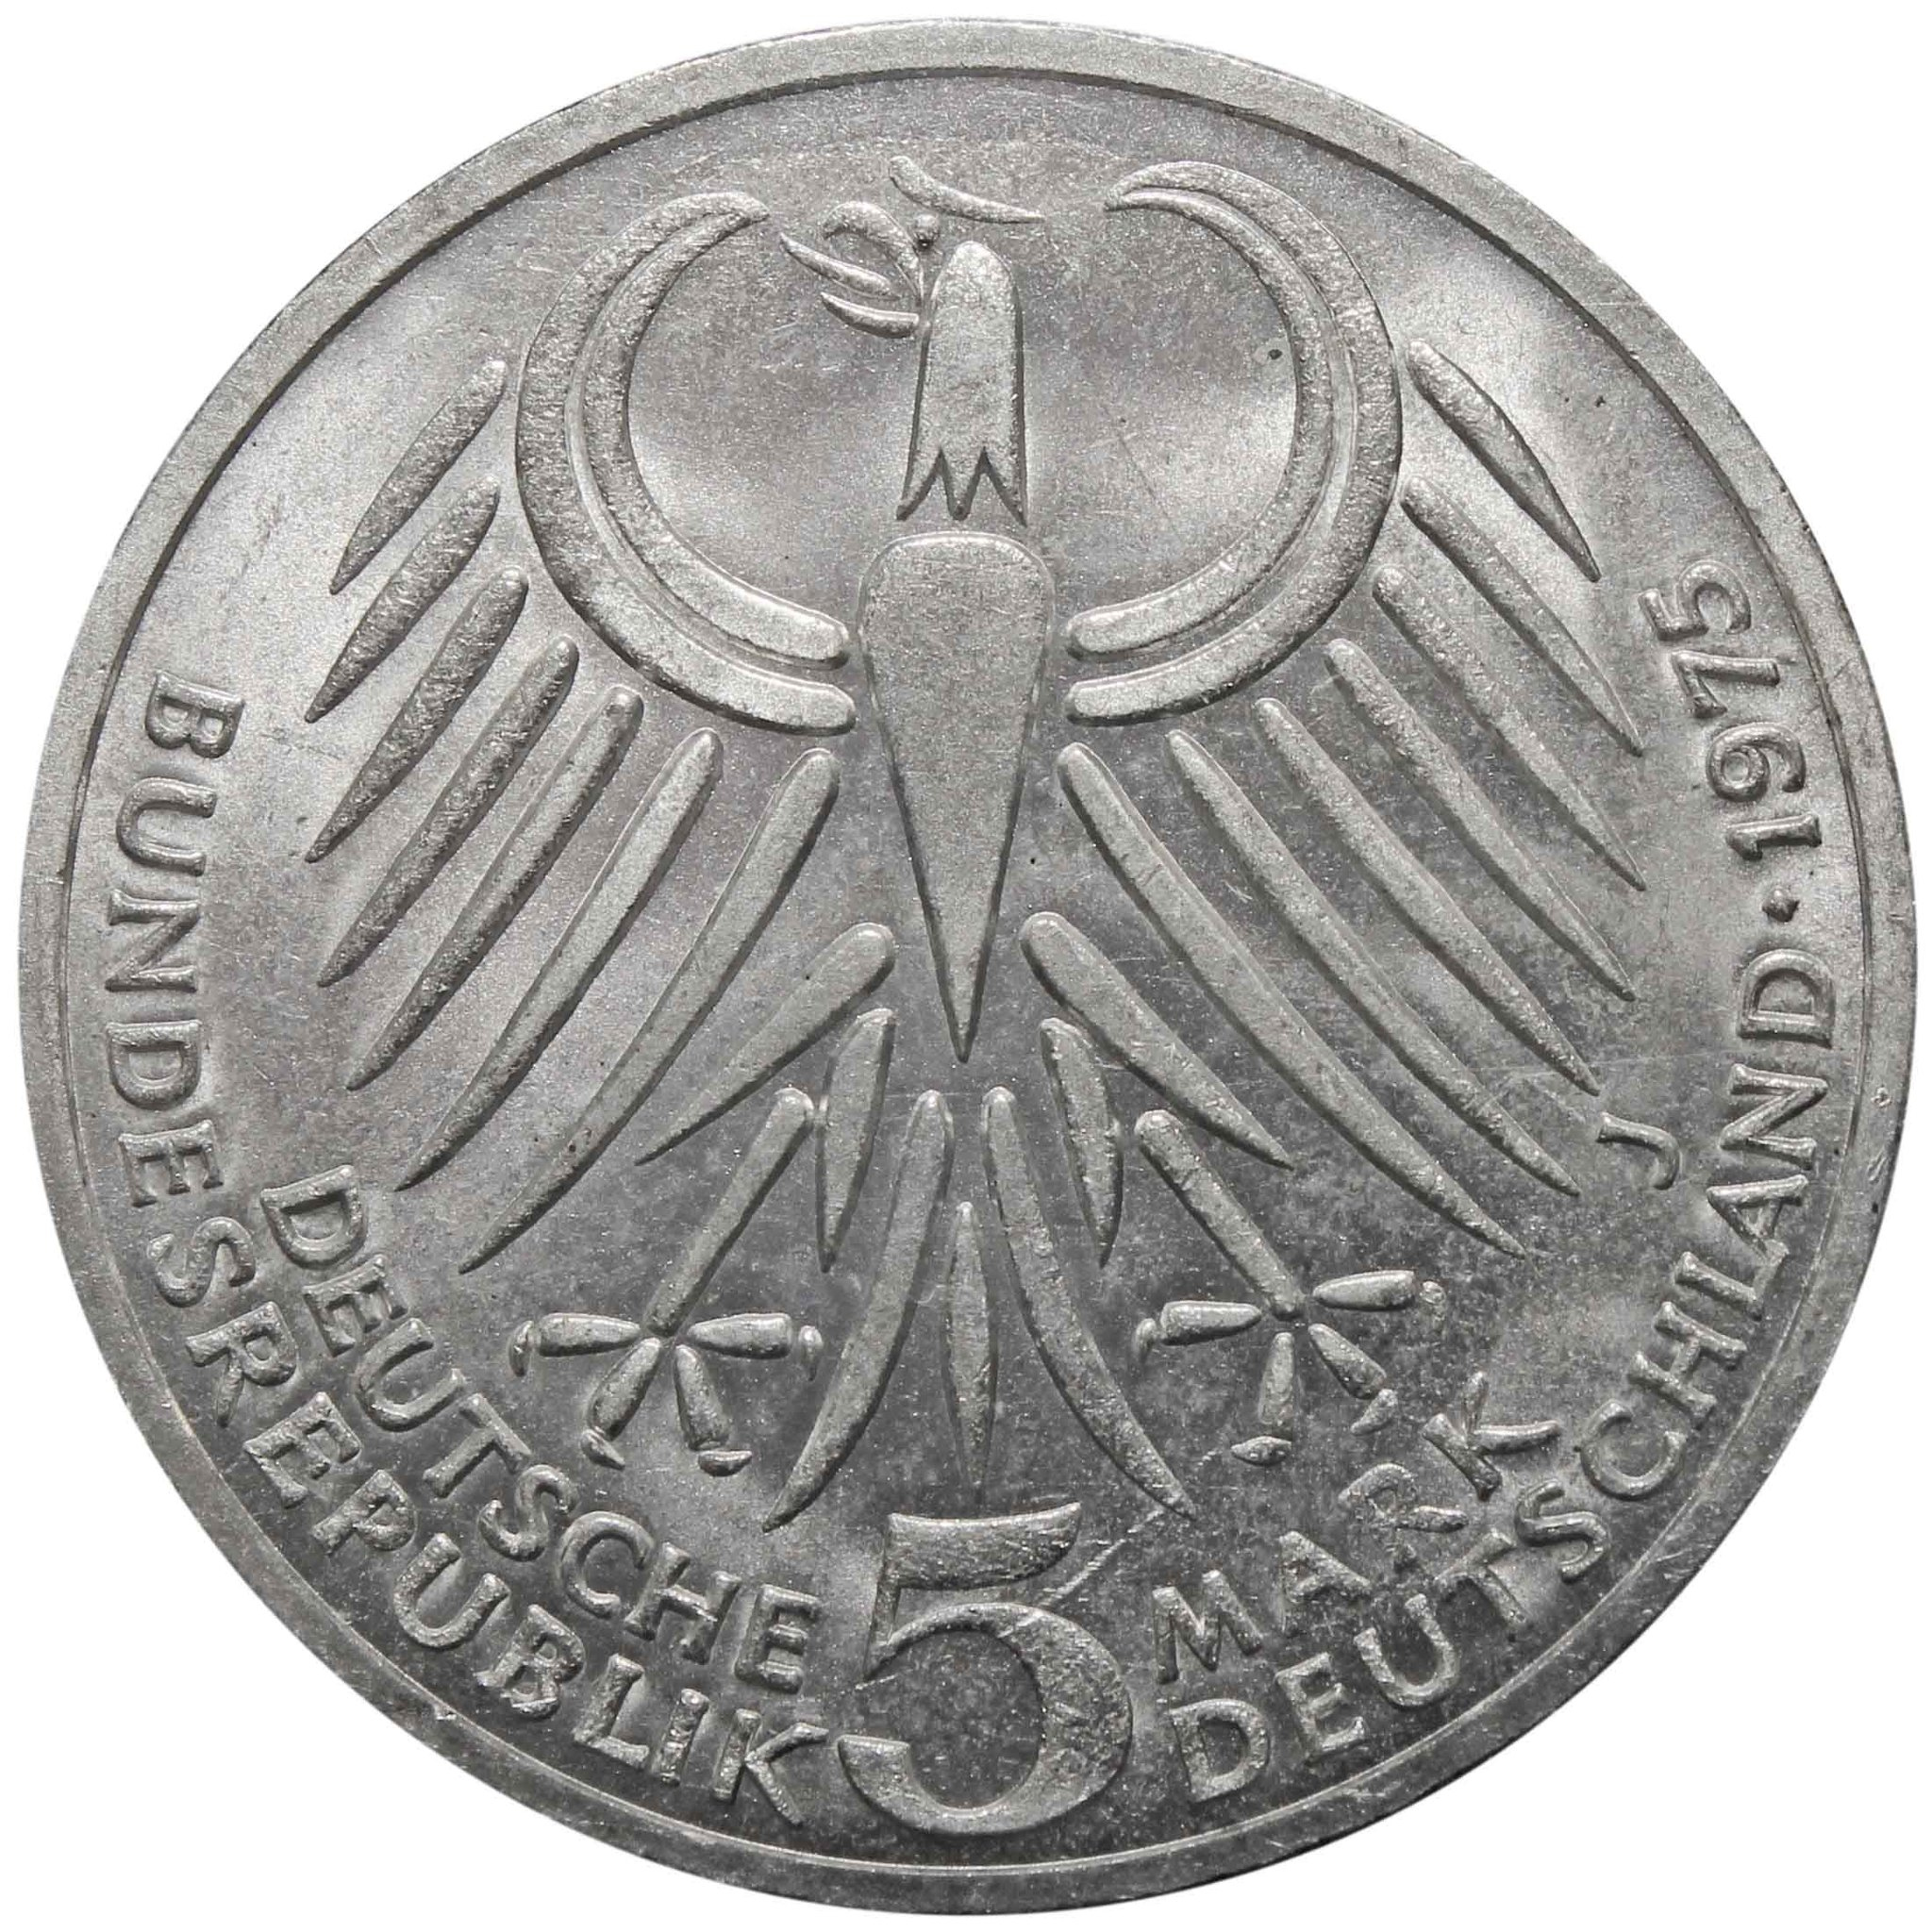 5 марок. 50 лет со дня смерти Фридриха Эберта. Германия. (J). Серебро. 1975 год. AU